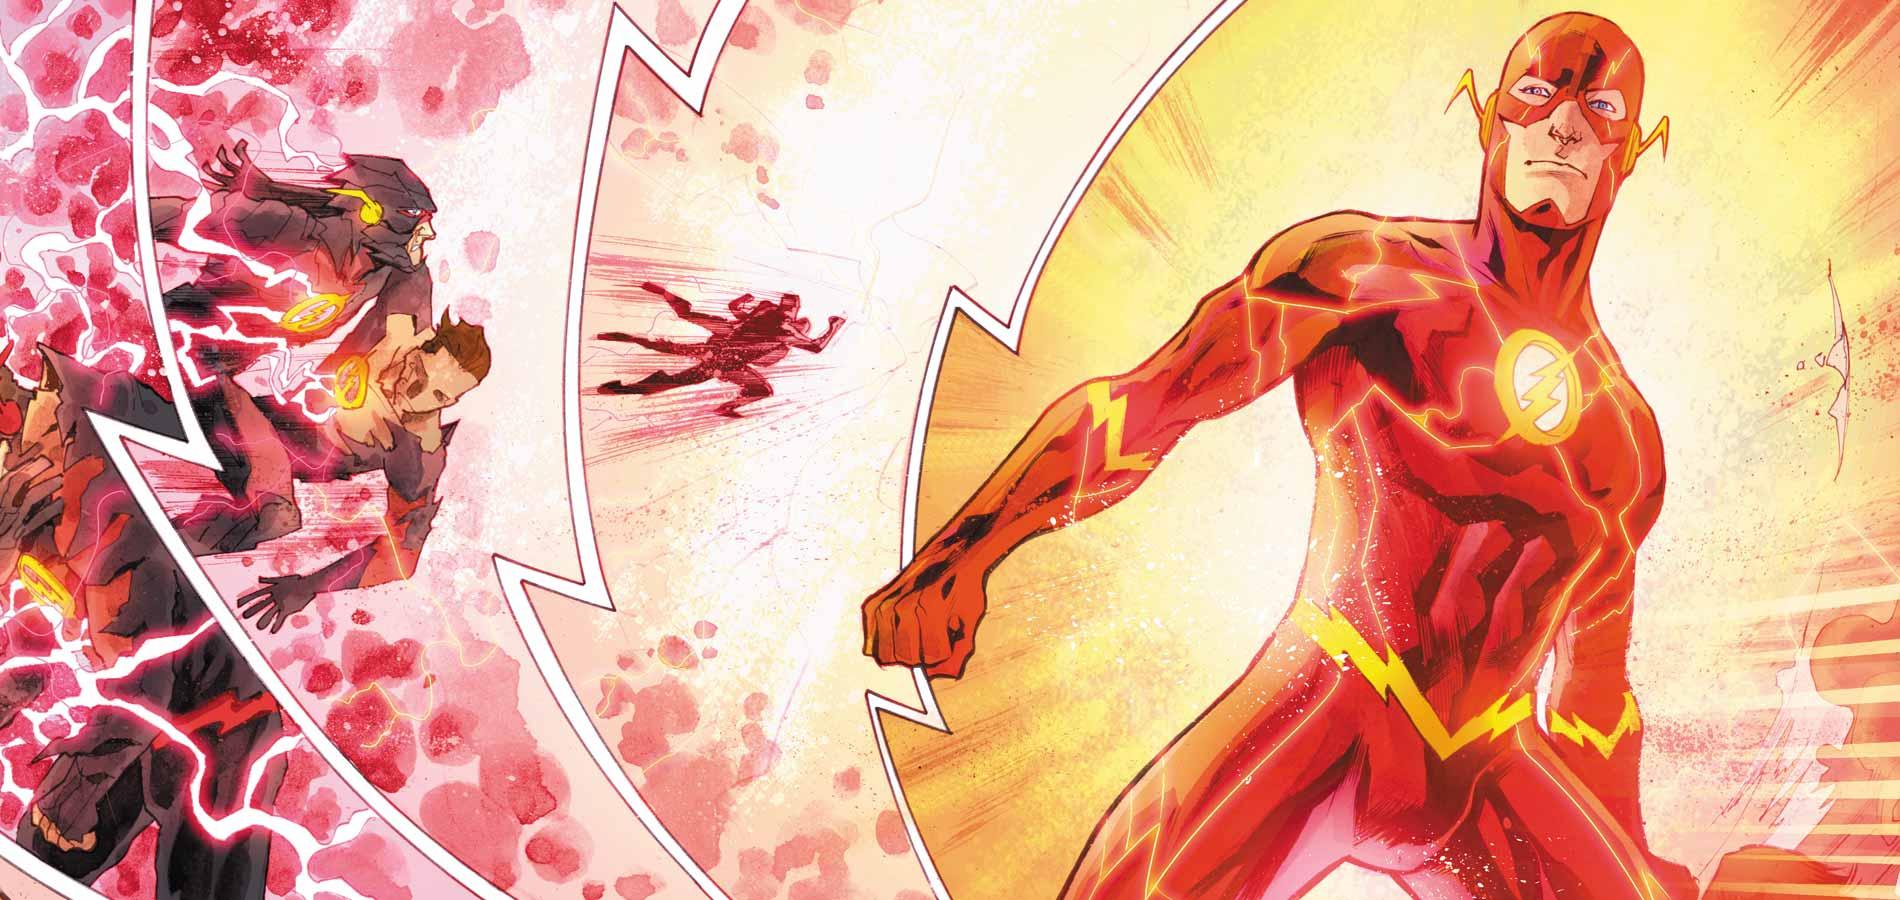 I 10 personaggi più veloci dell'universo DC Comics